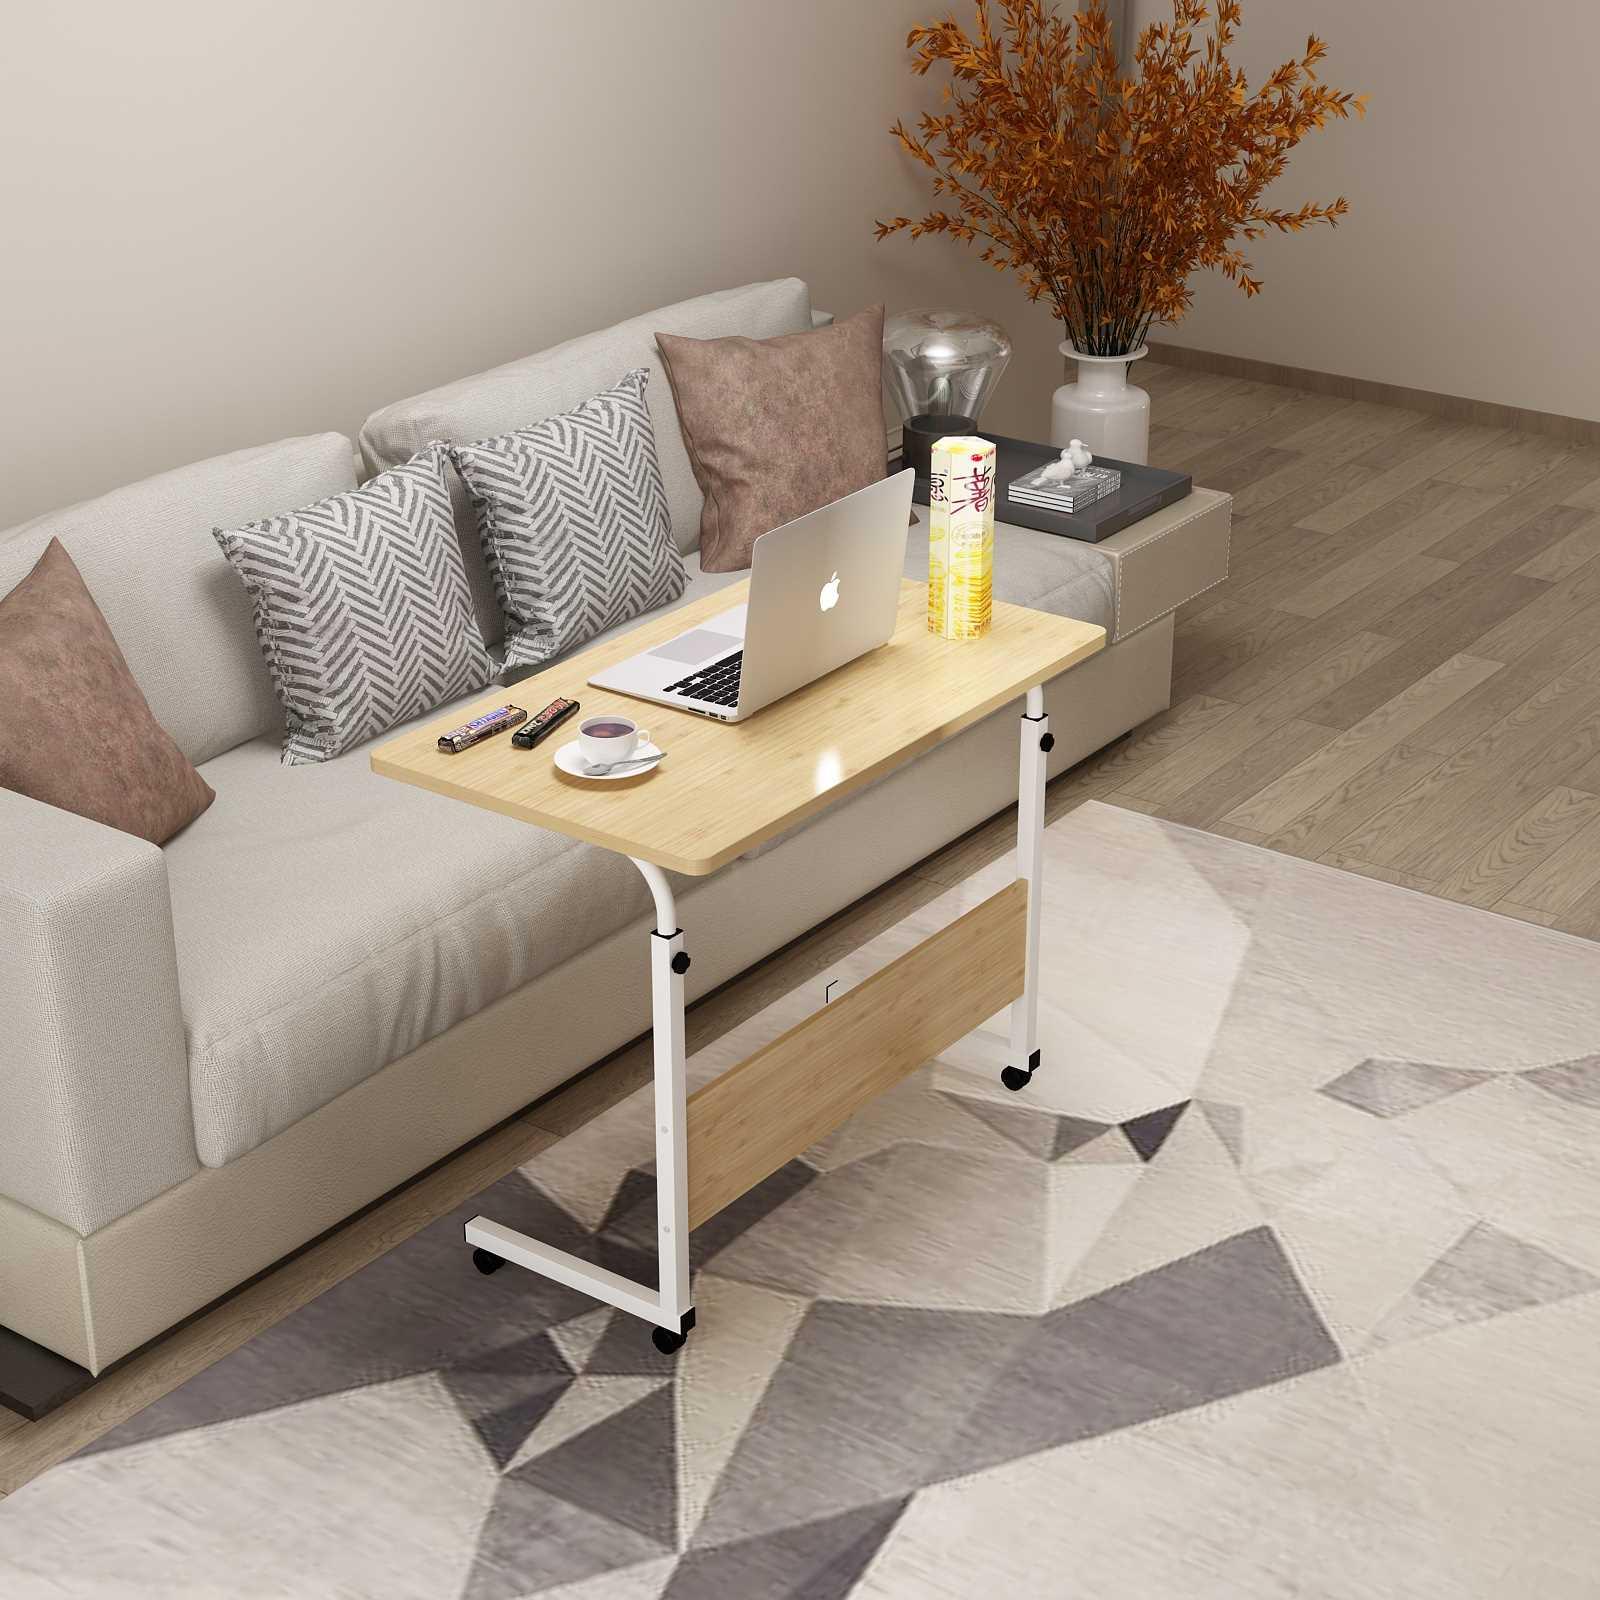 שולחן לפטופ דגם ALEX 80/40 צבע עץ טבעי - תמונה 3